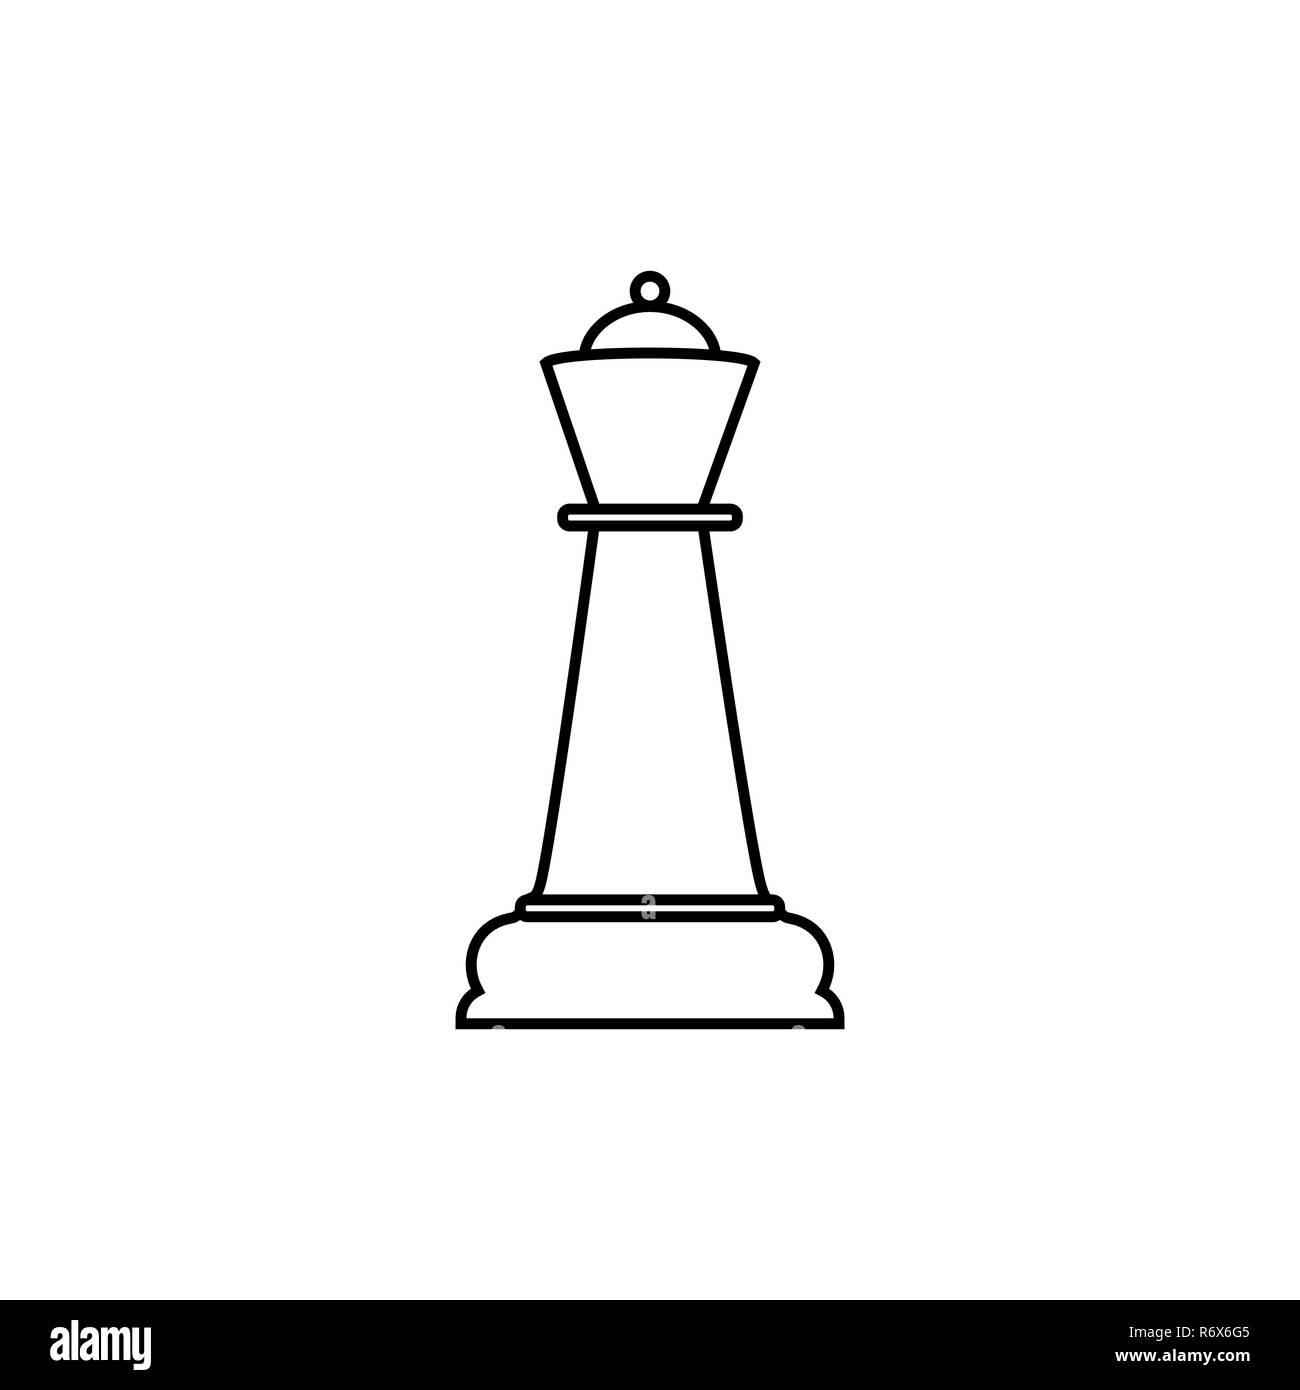 Queen a linea icona di scacchi. Illustrazione Vettoriale, design piatto. Illustrazione Vettoriale